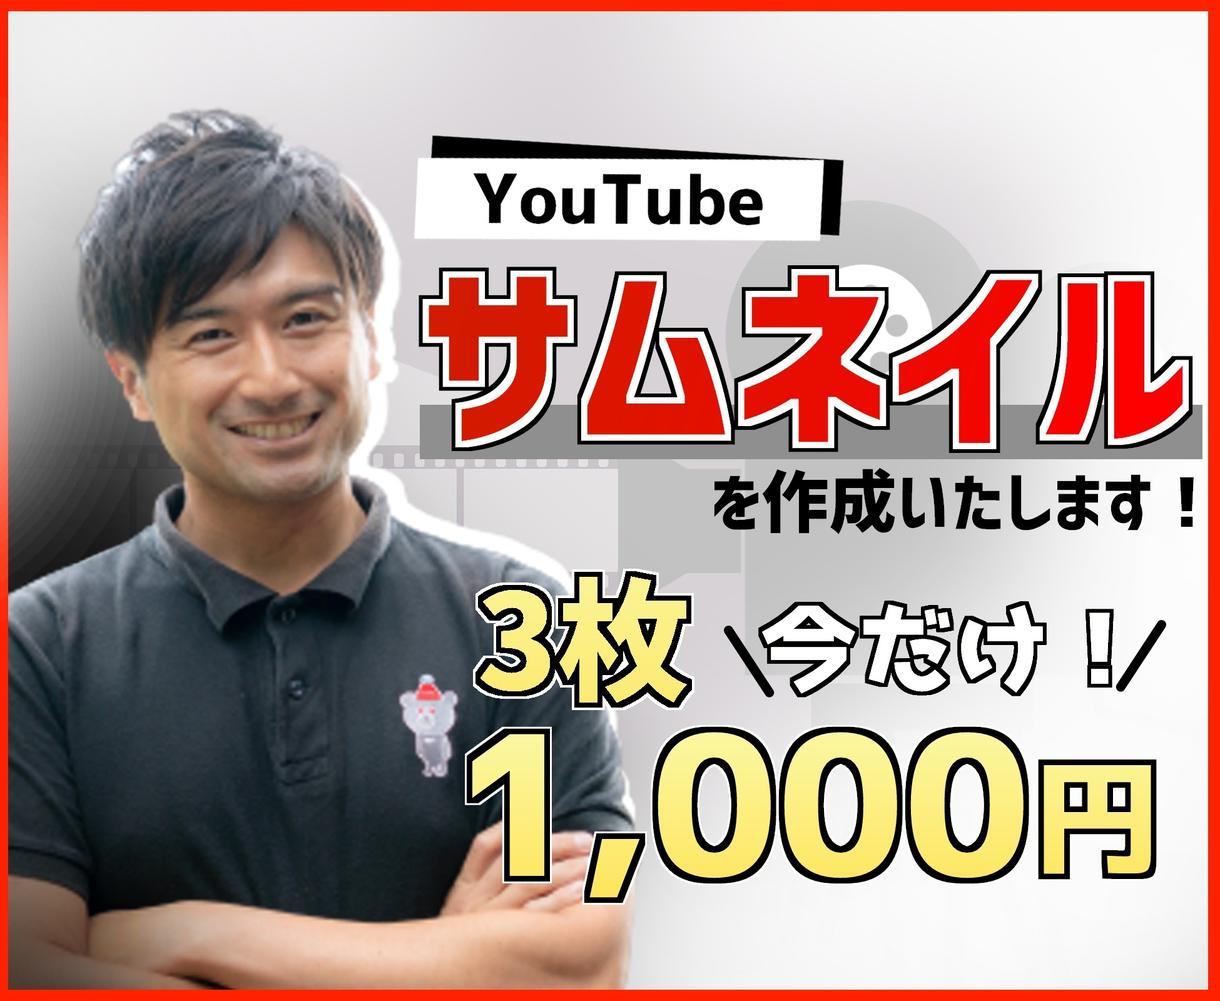 YouTube【サムネイル作成】を代行いたします 【値引き中‼】サムネイル3枚まで1,000円で作成します イメージ1